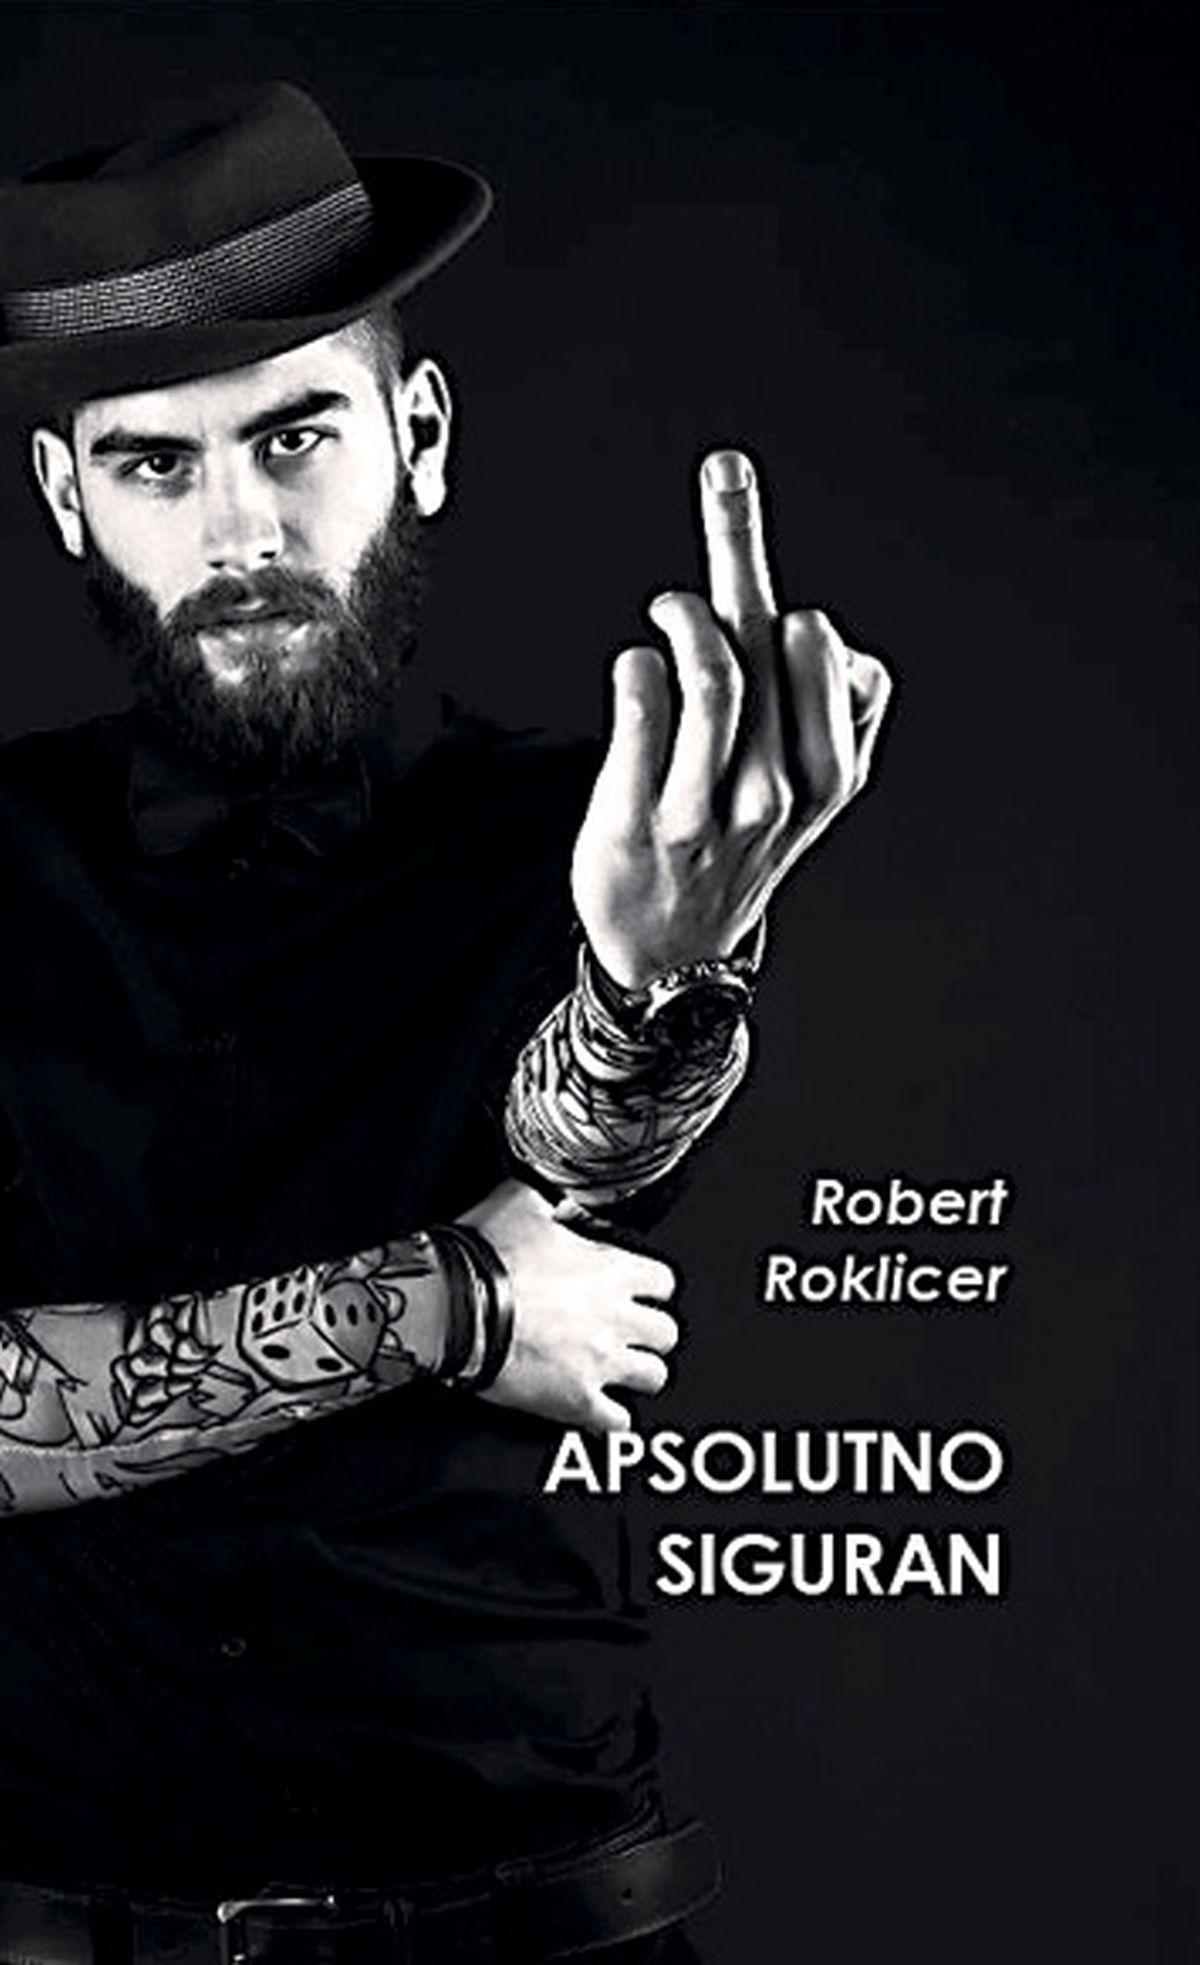 ROBERT ROKLICER 'Napisao sam ono što sam i doživio'